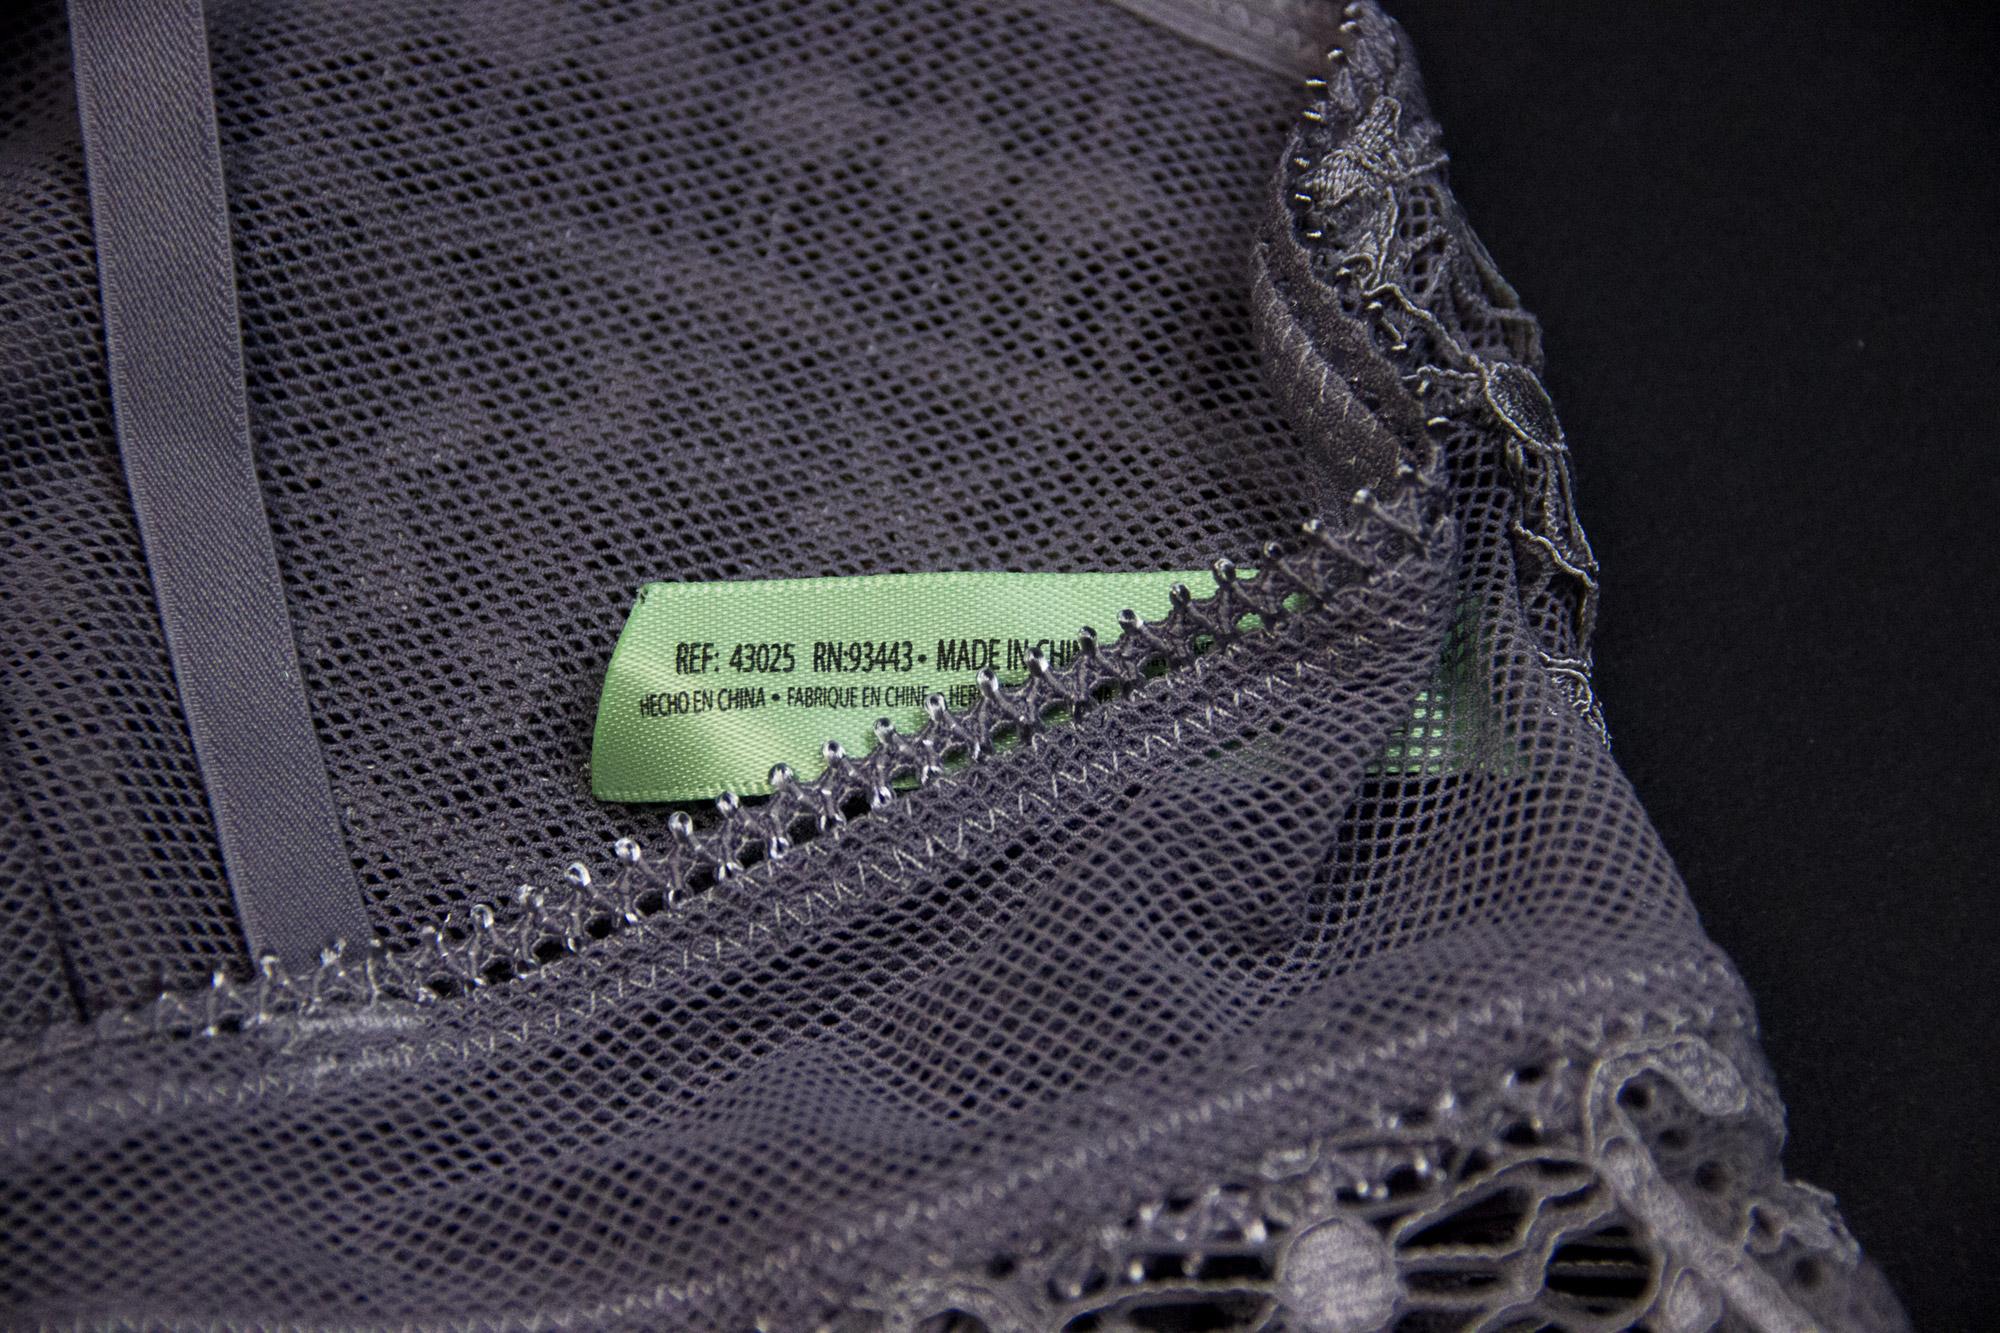 Обзор заказа из Shopbop: Нижнее бельё Honeydew Intimates. Журнал о нижнем белье и стиле GB {Garterblog.ru}